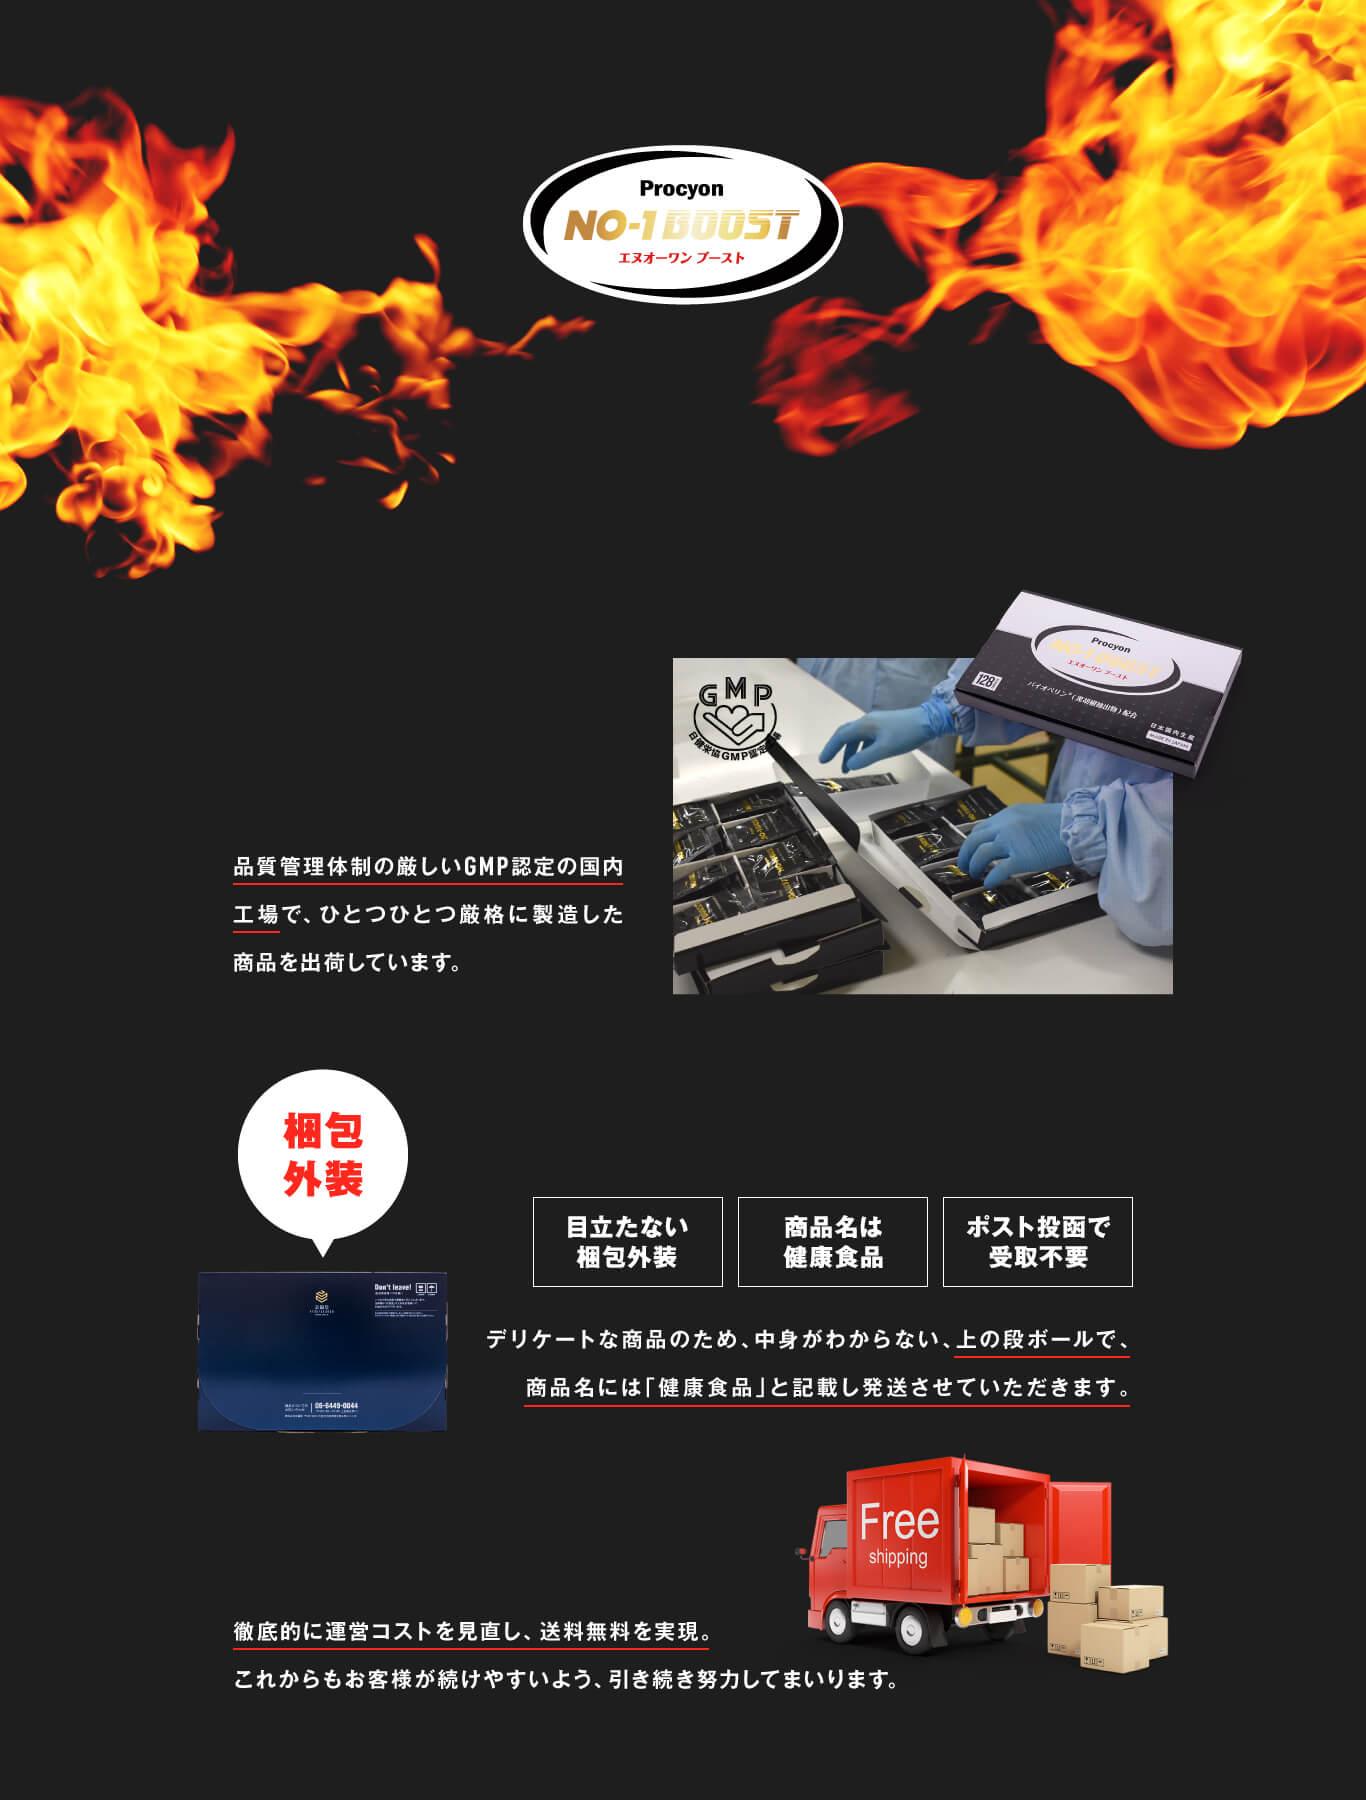 品質管理体制の厳しいGMP認定の国内工場で、ひとつひとつ厳格に製造した商品を出荷しています。